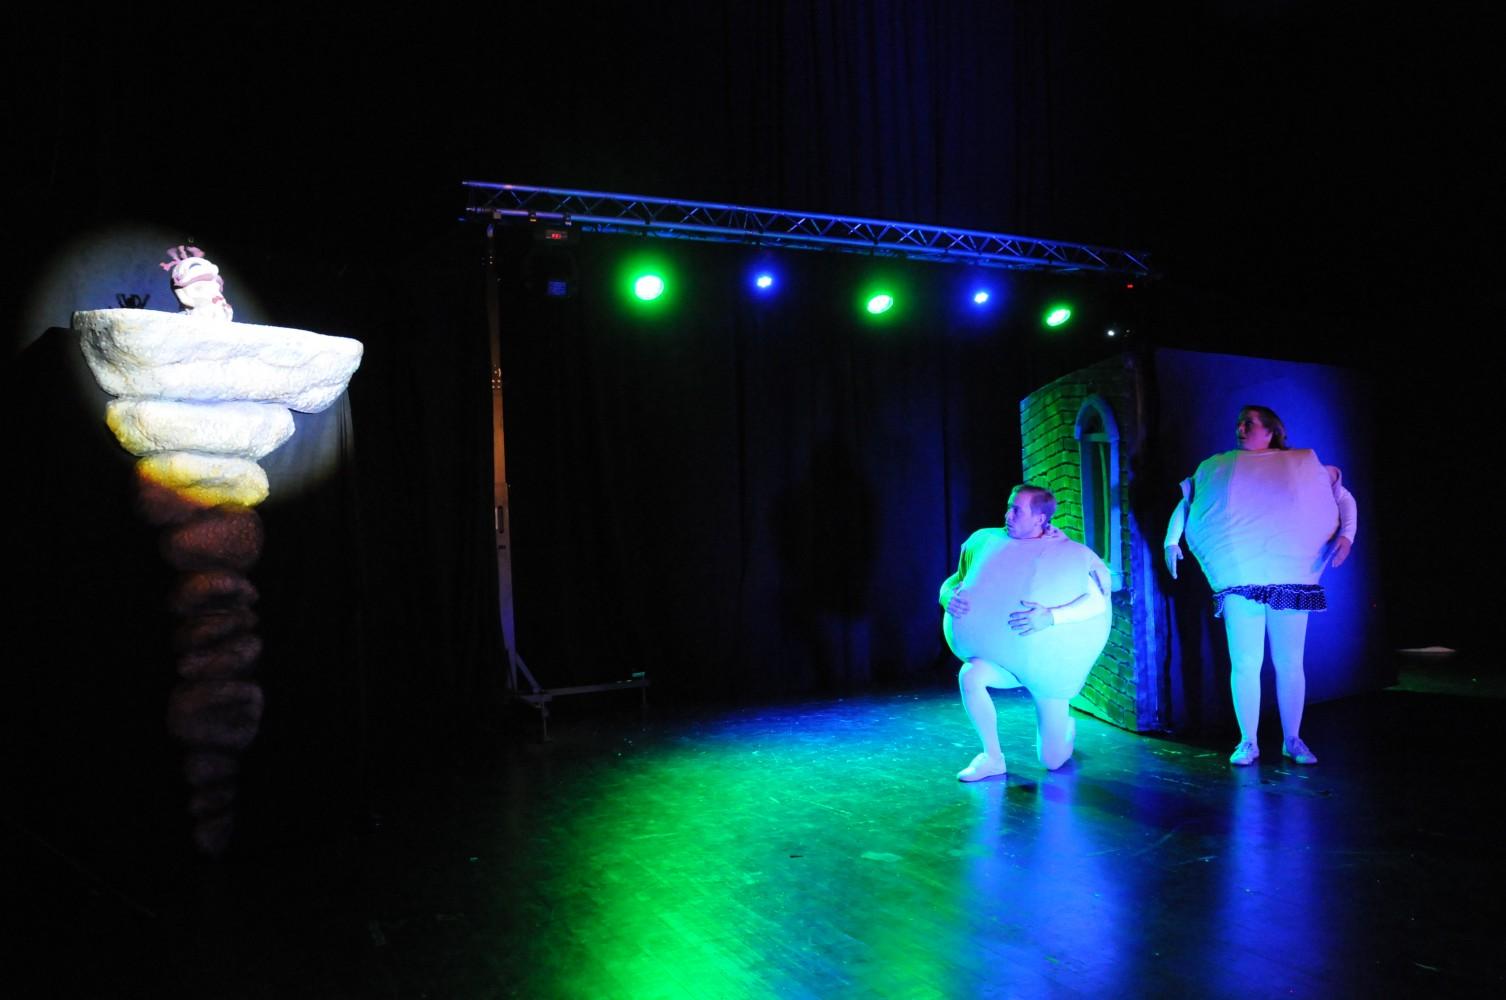 To personer på scenen i kledd som komper, og en dukke.